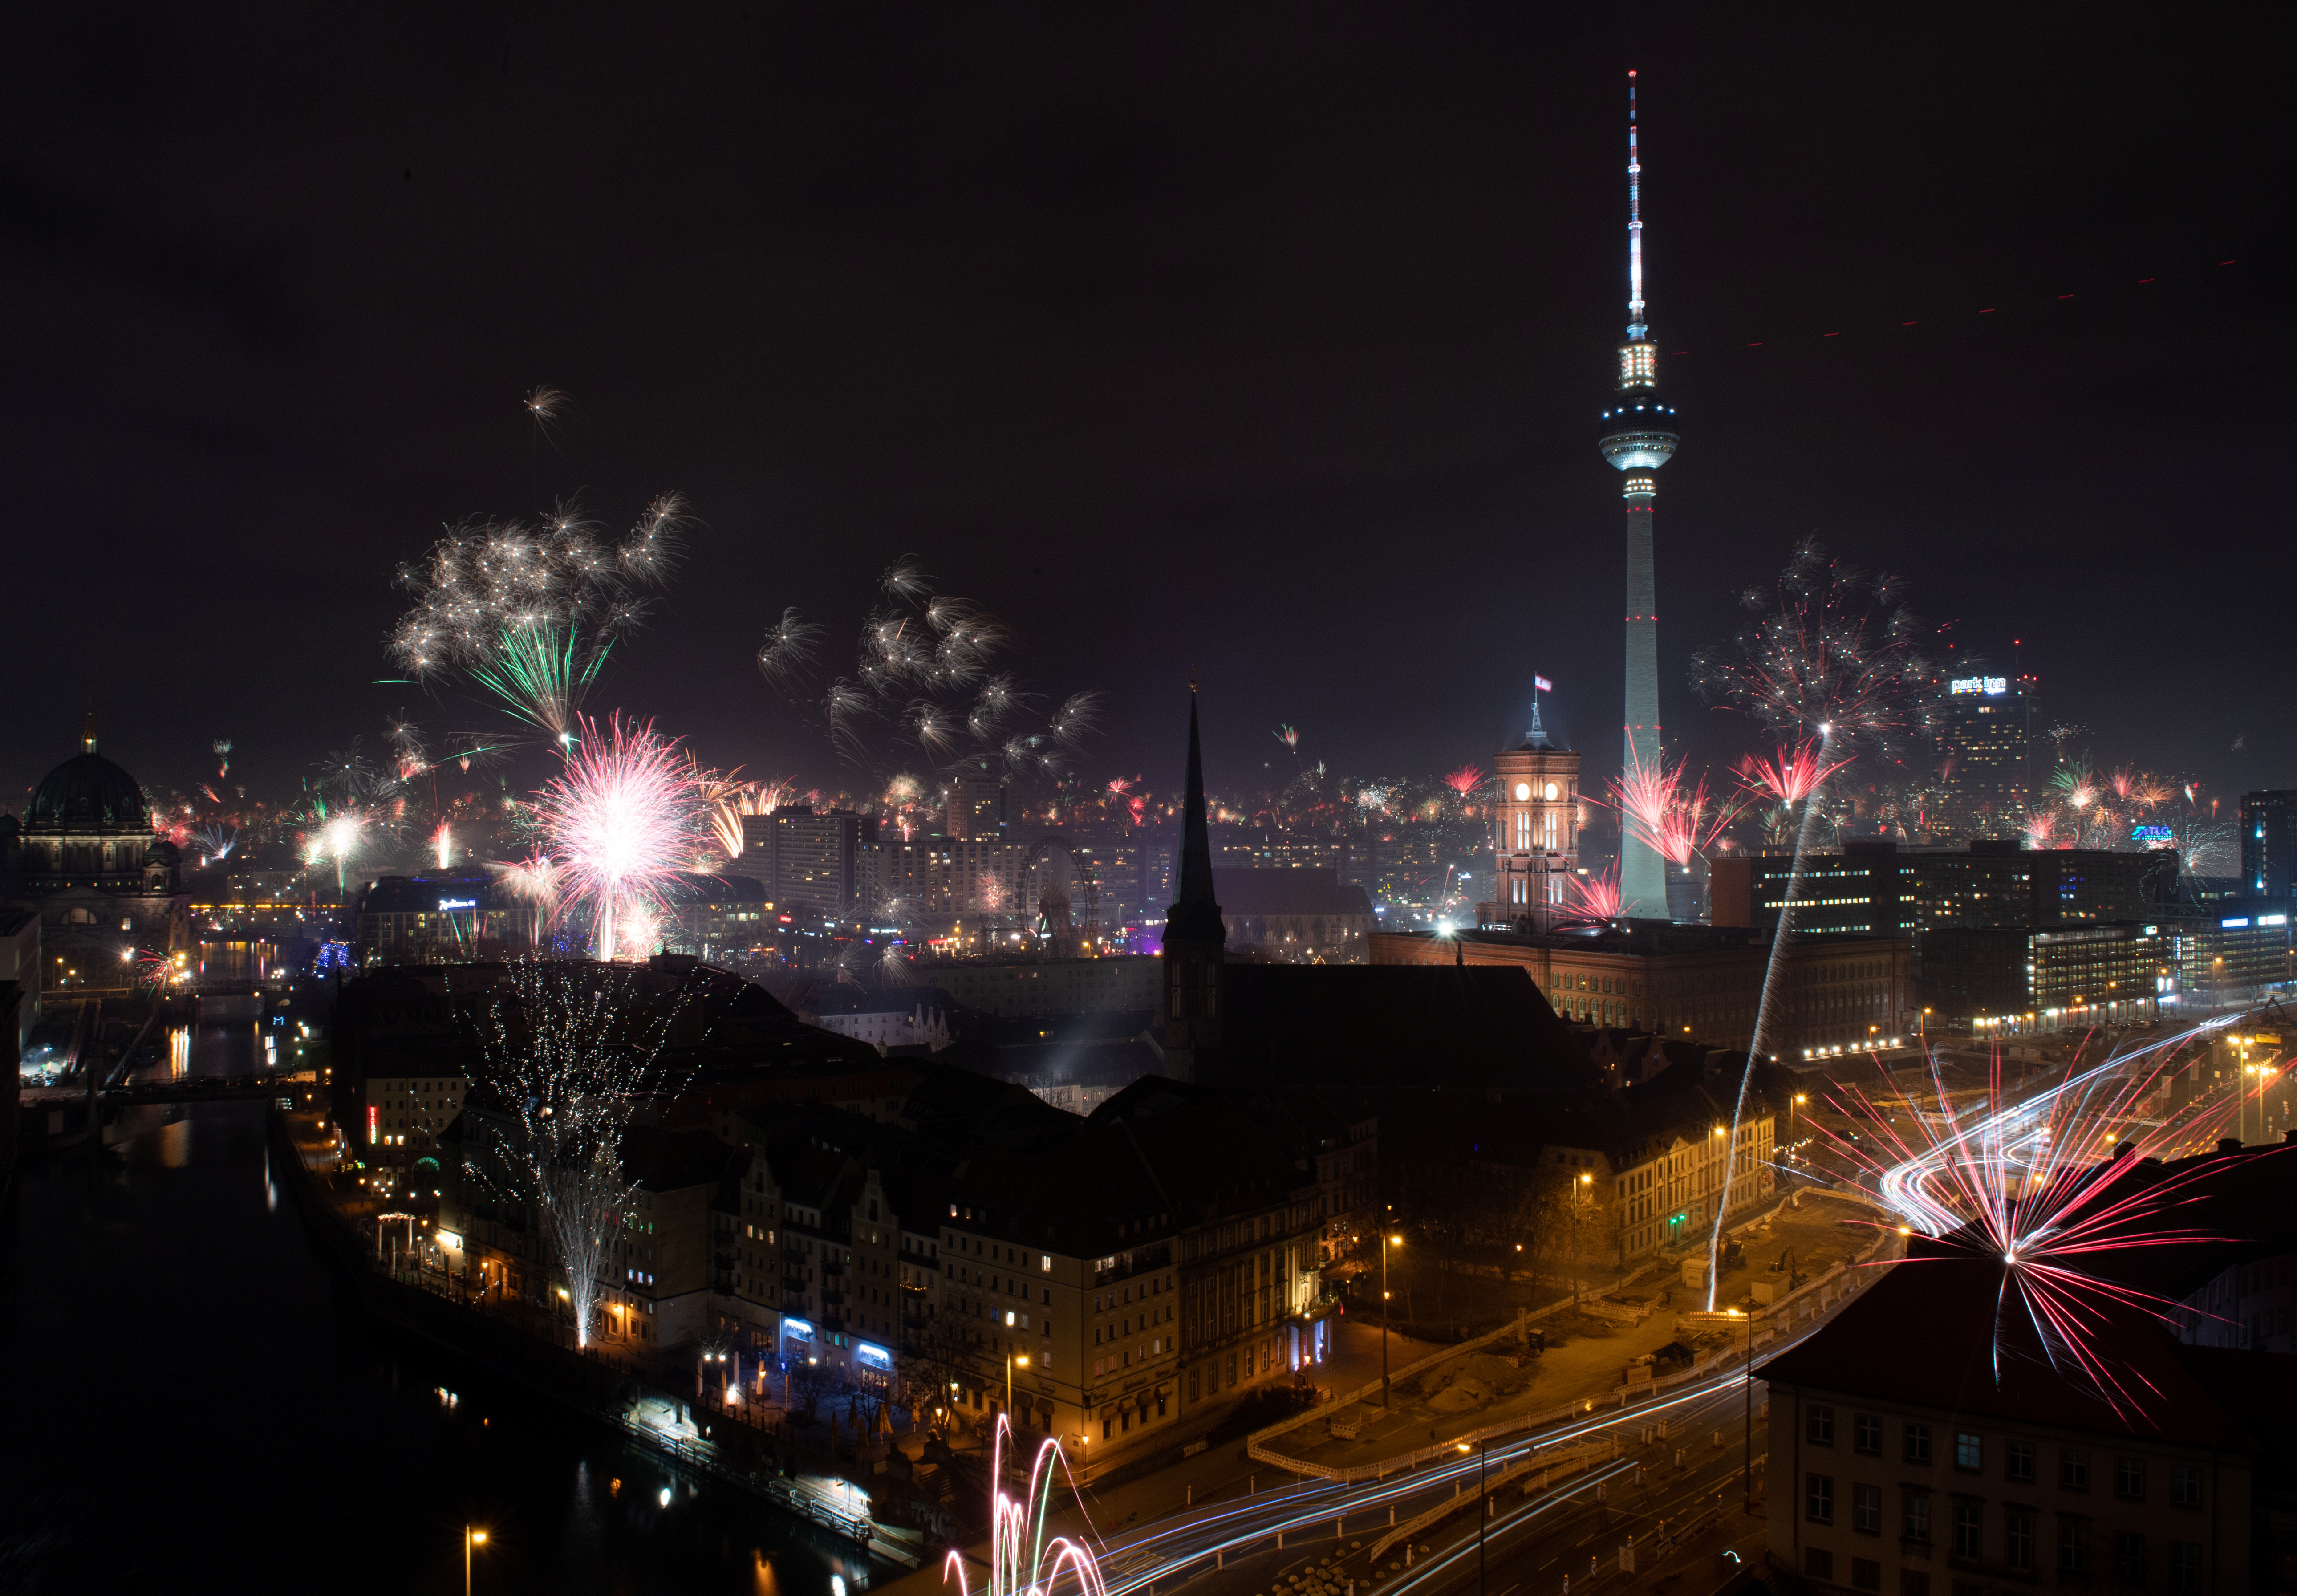 Muchos vecinos en Berlín se unieron a los festejos de Año Nuevo con fuegos artificiales en diversos barrios (REUTERS/Annegret Hilse)